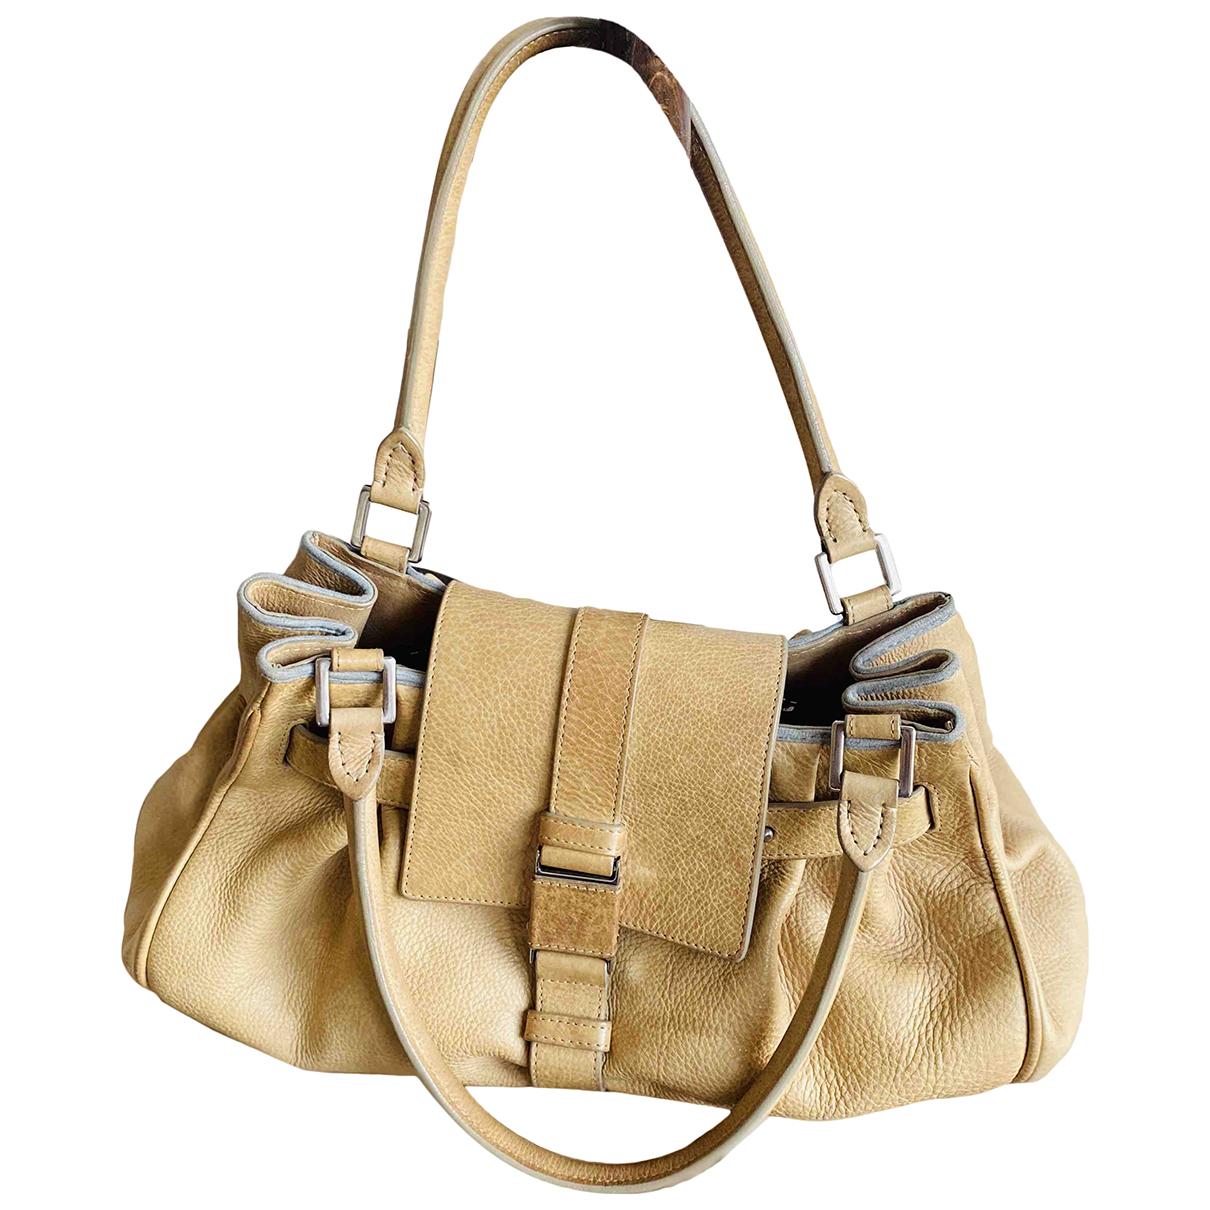 Brunello Cucinelli \N Handtasche in  Beige Leder